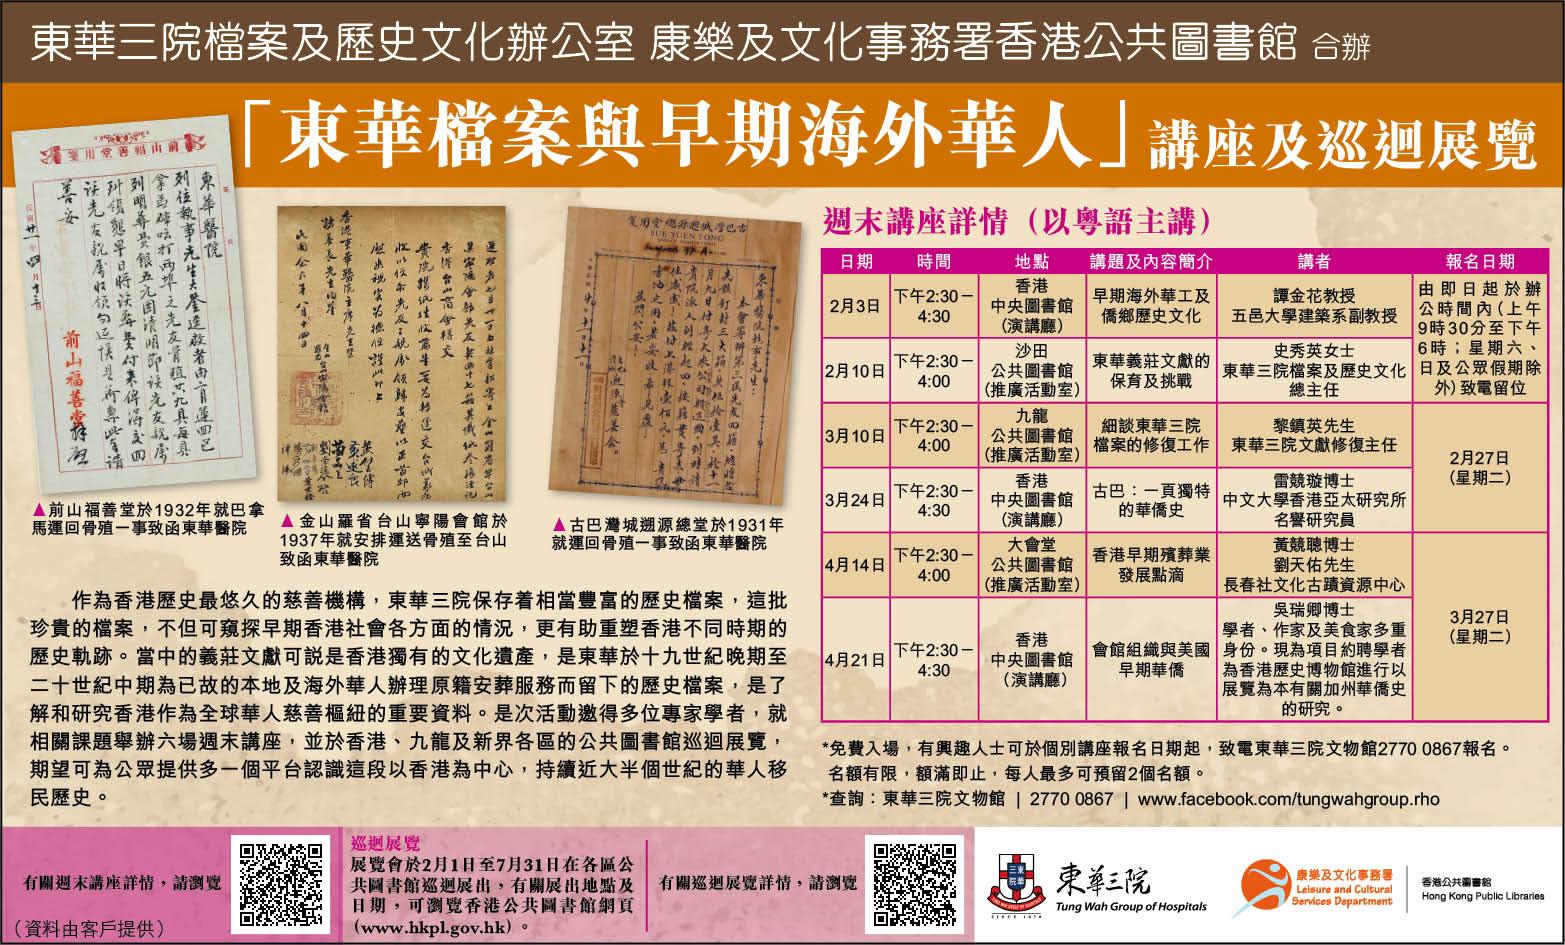 「东华档案与早期海外华人」讲座及巡回展览 - 头条日报广告稿